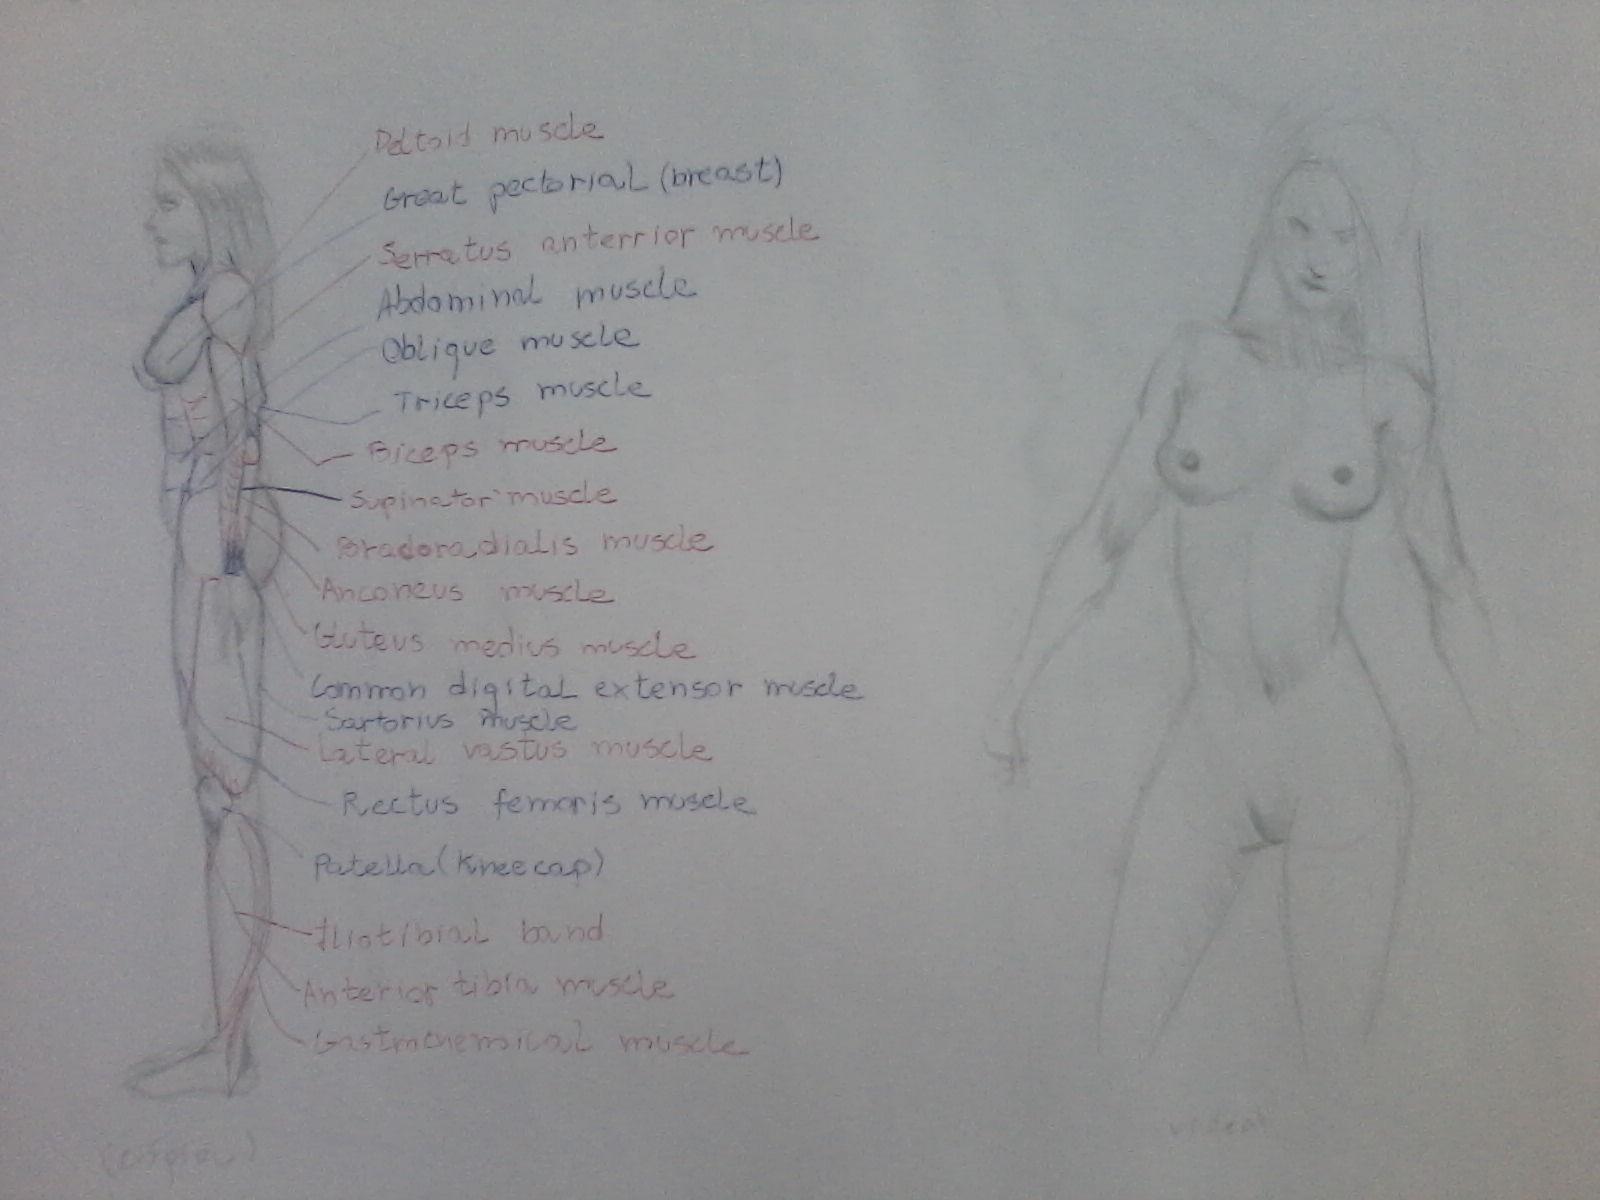 Anatomic study 2